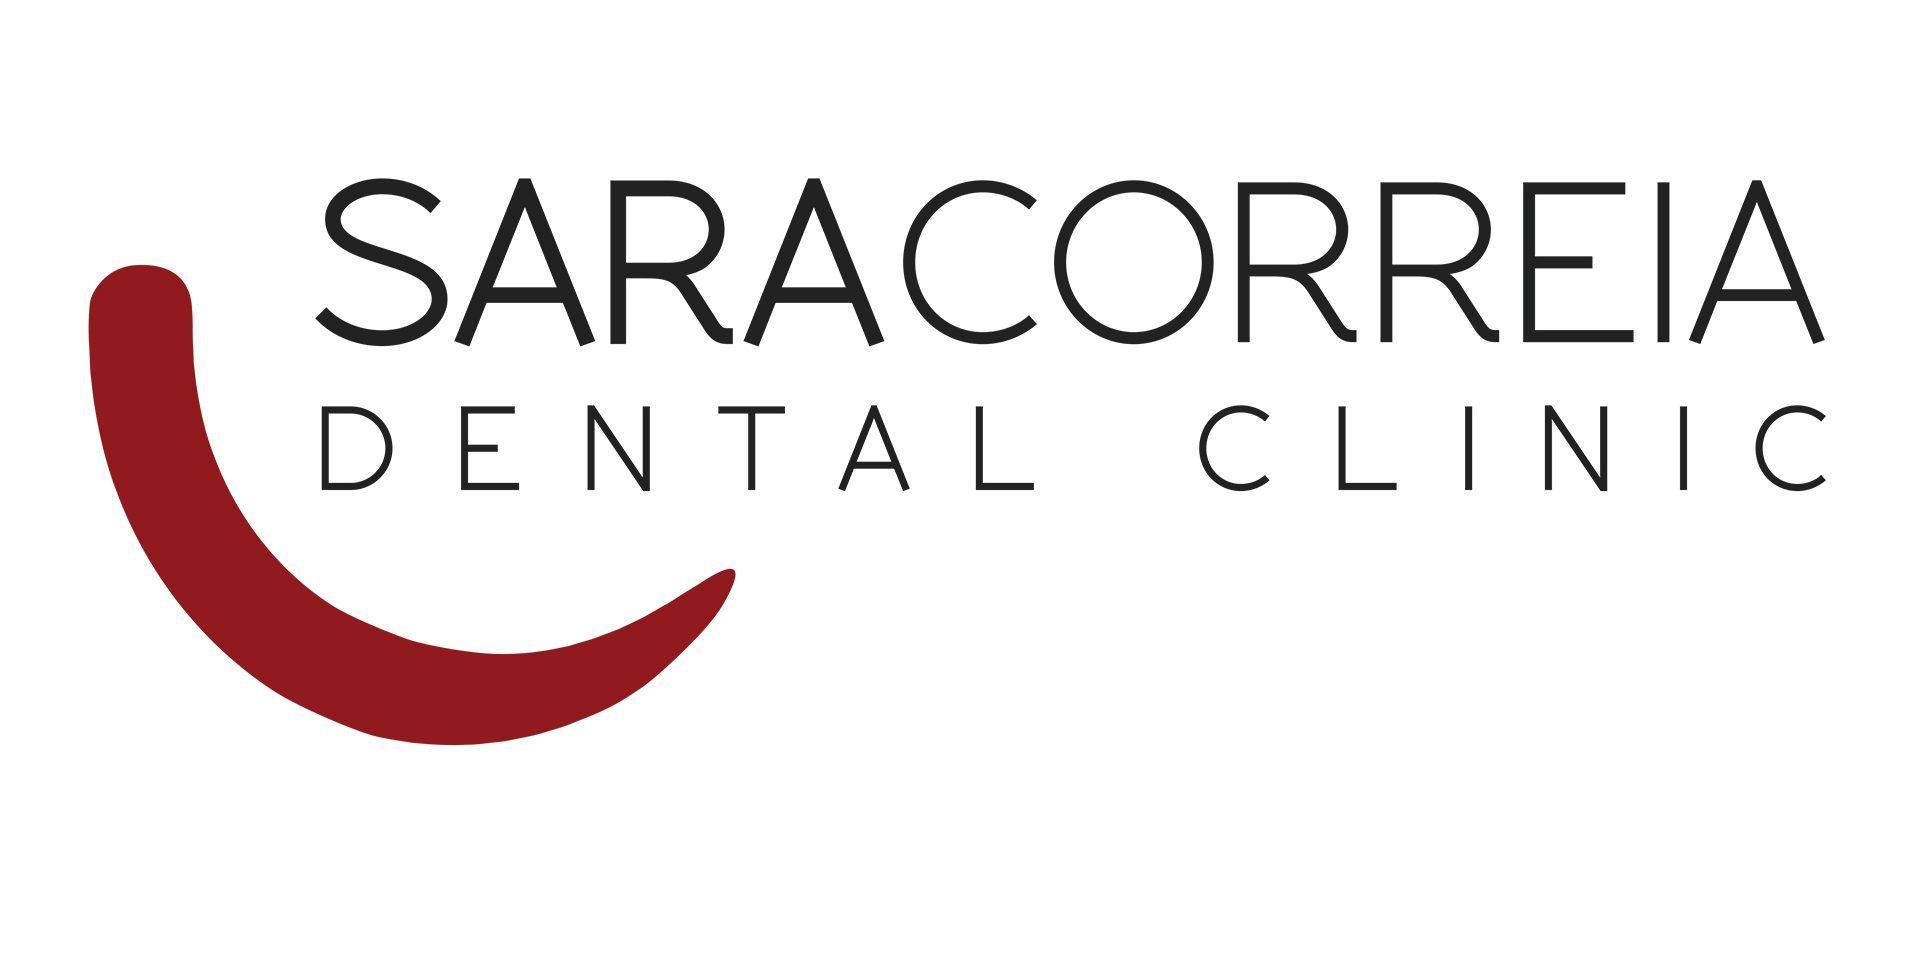 Sara Correia Dental Clinic | Medicina Dentária e Rejuvenescimento Facial